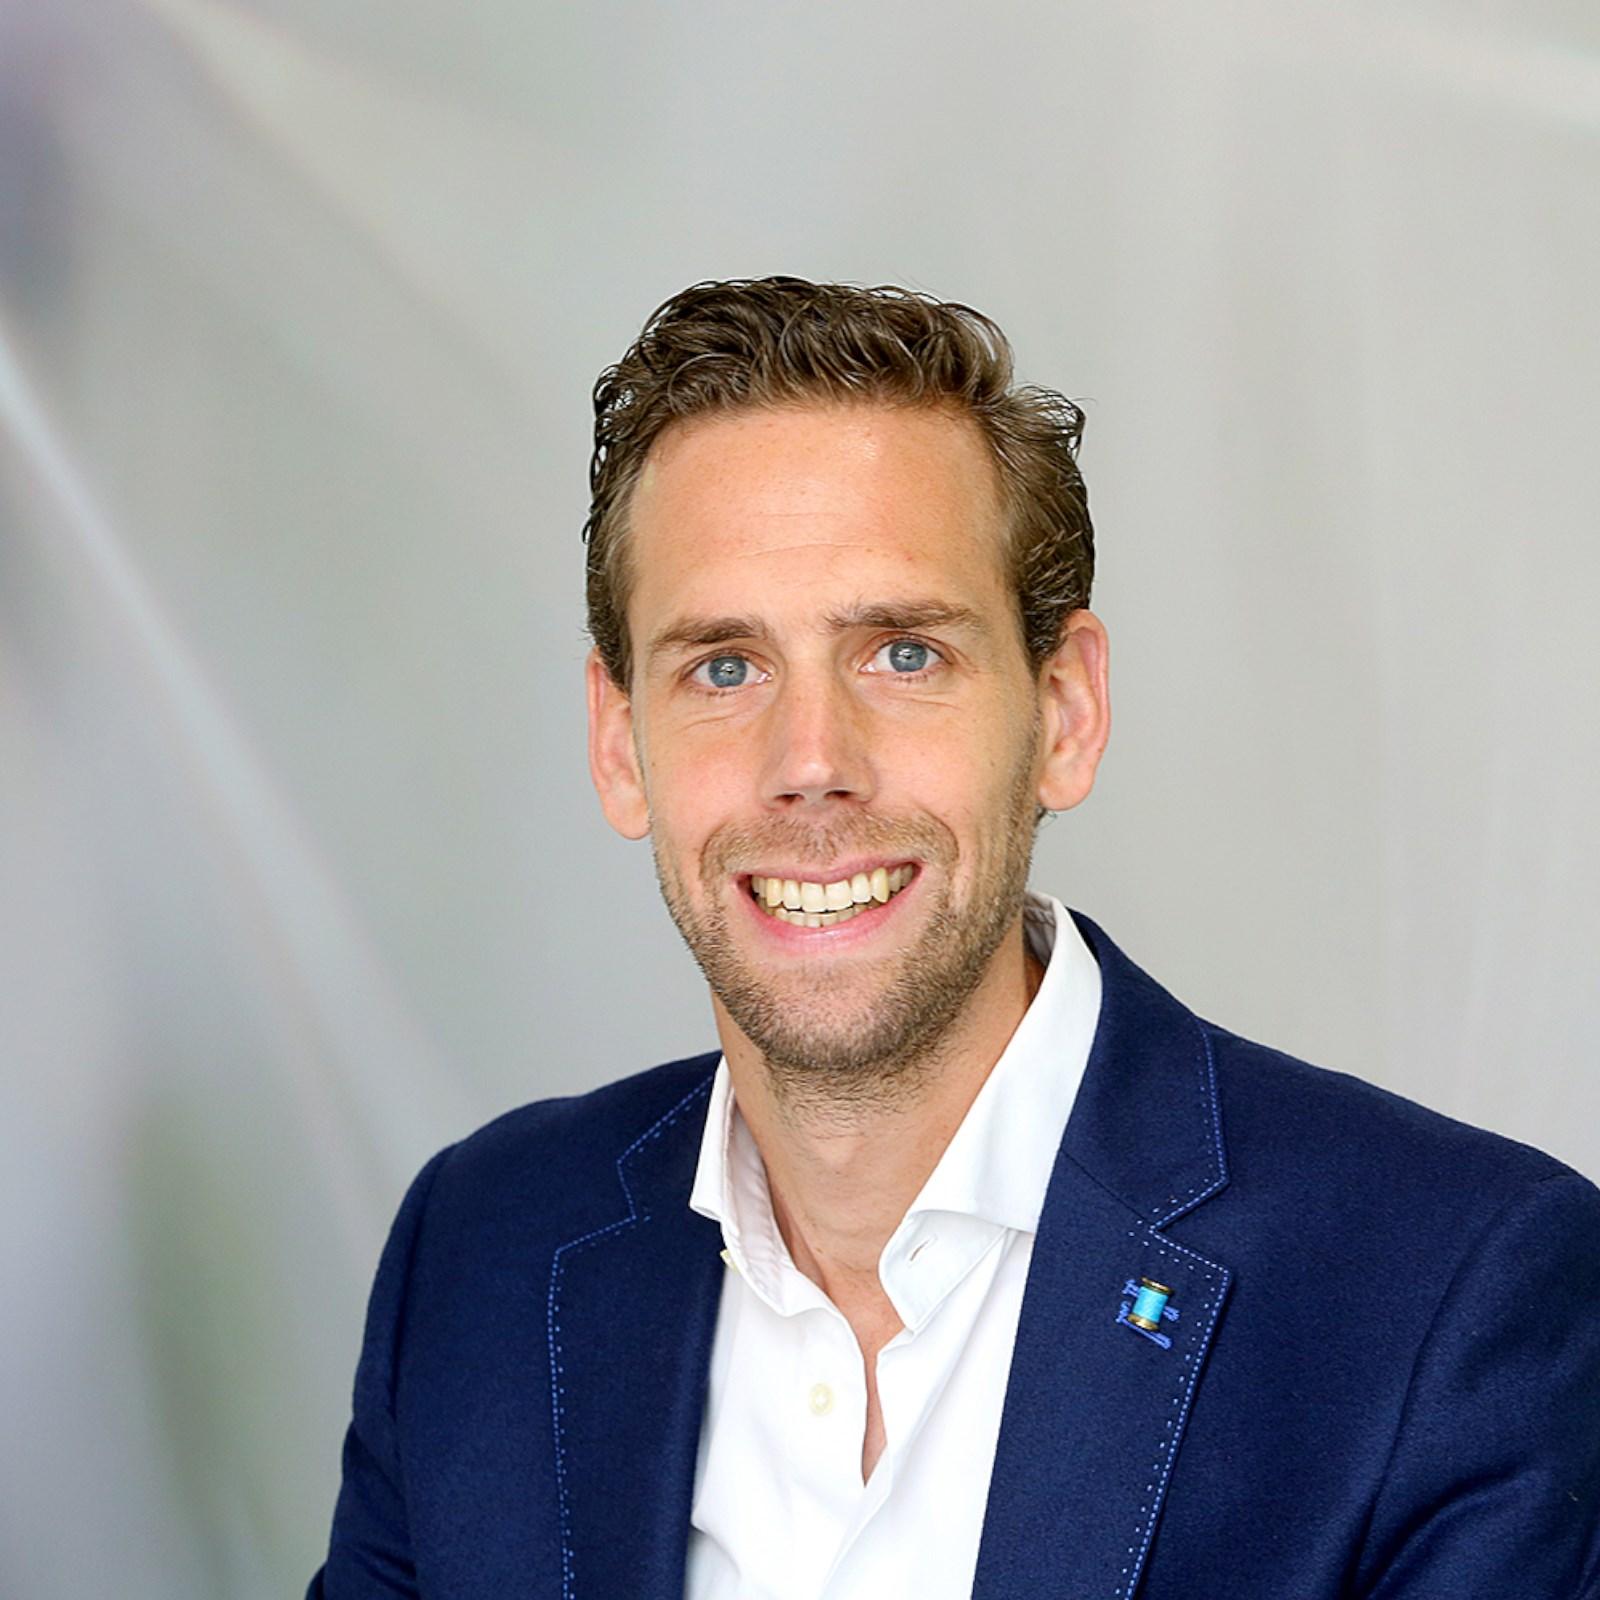 Foto van Jan-Maarten van Dijk